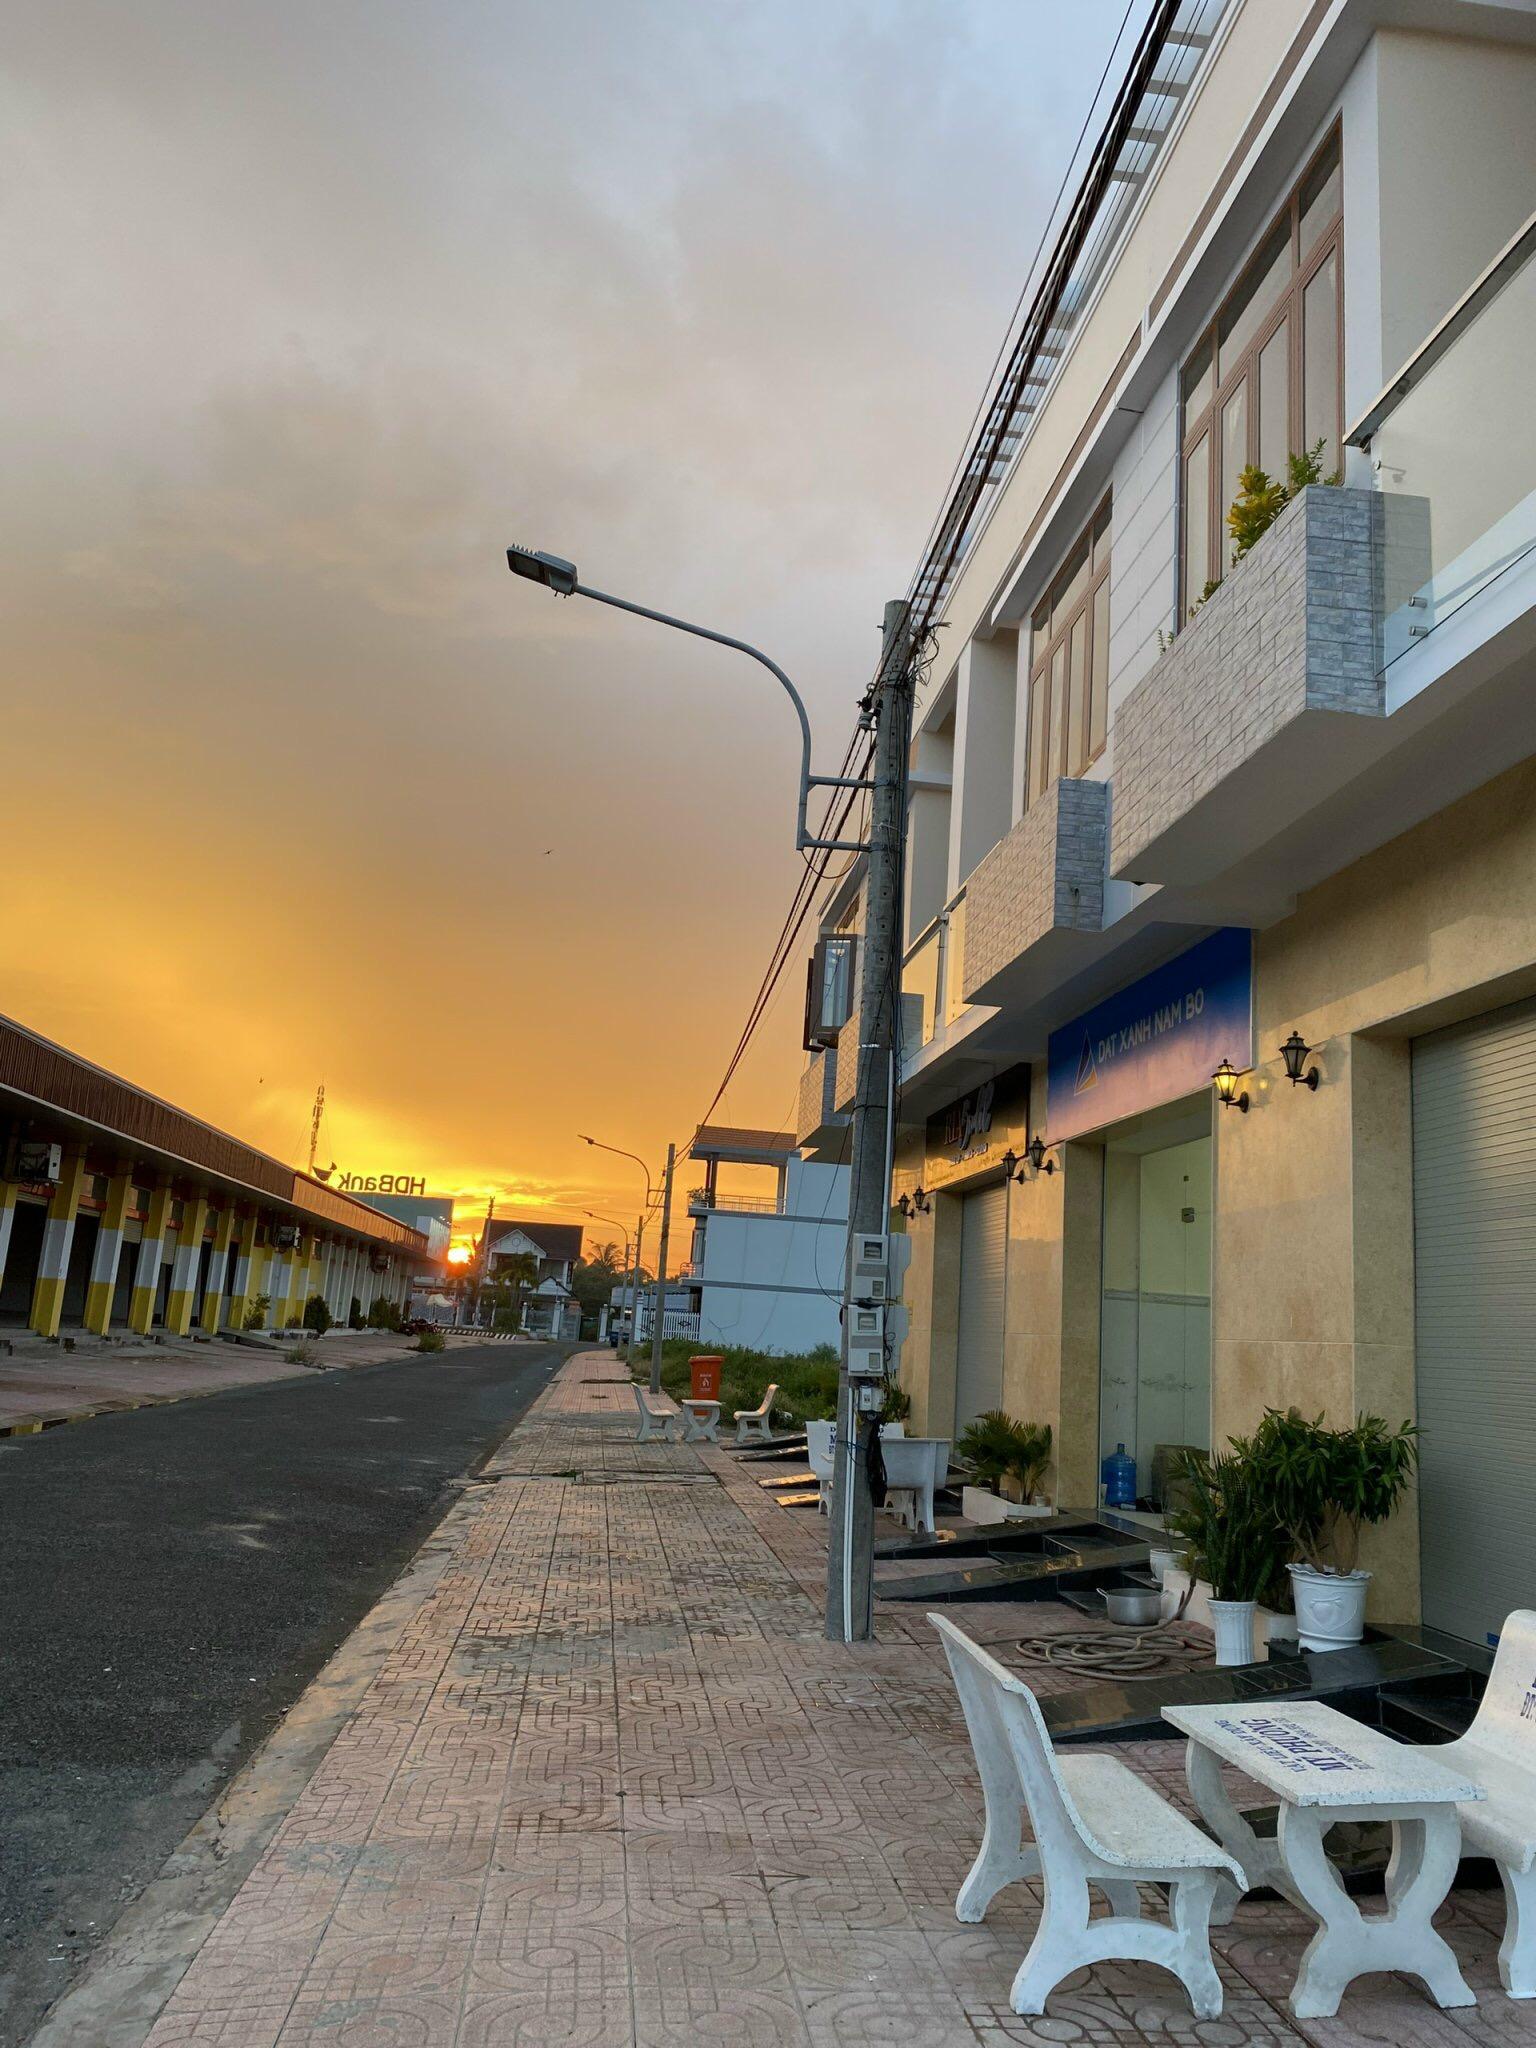 Cần bán Kho - Nhà xưởng dự án Thạnh Phú Center, Diện tích 338m², Giá 3.92 Tỷ - LH: 0378480253